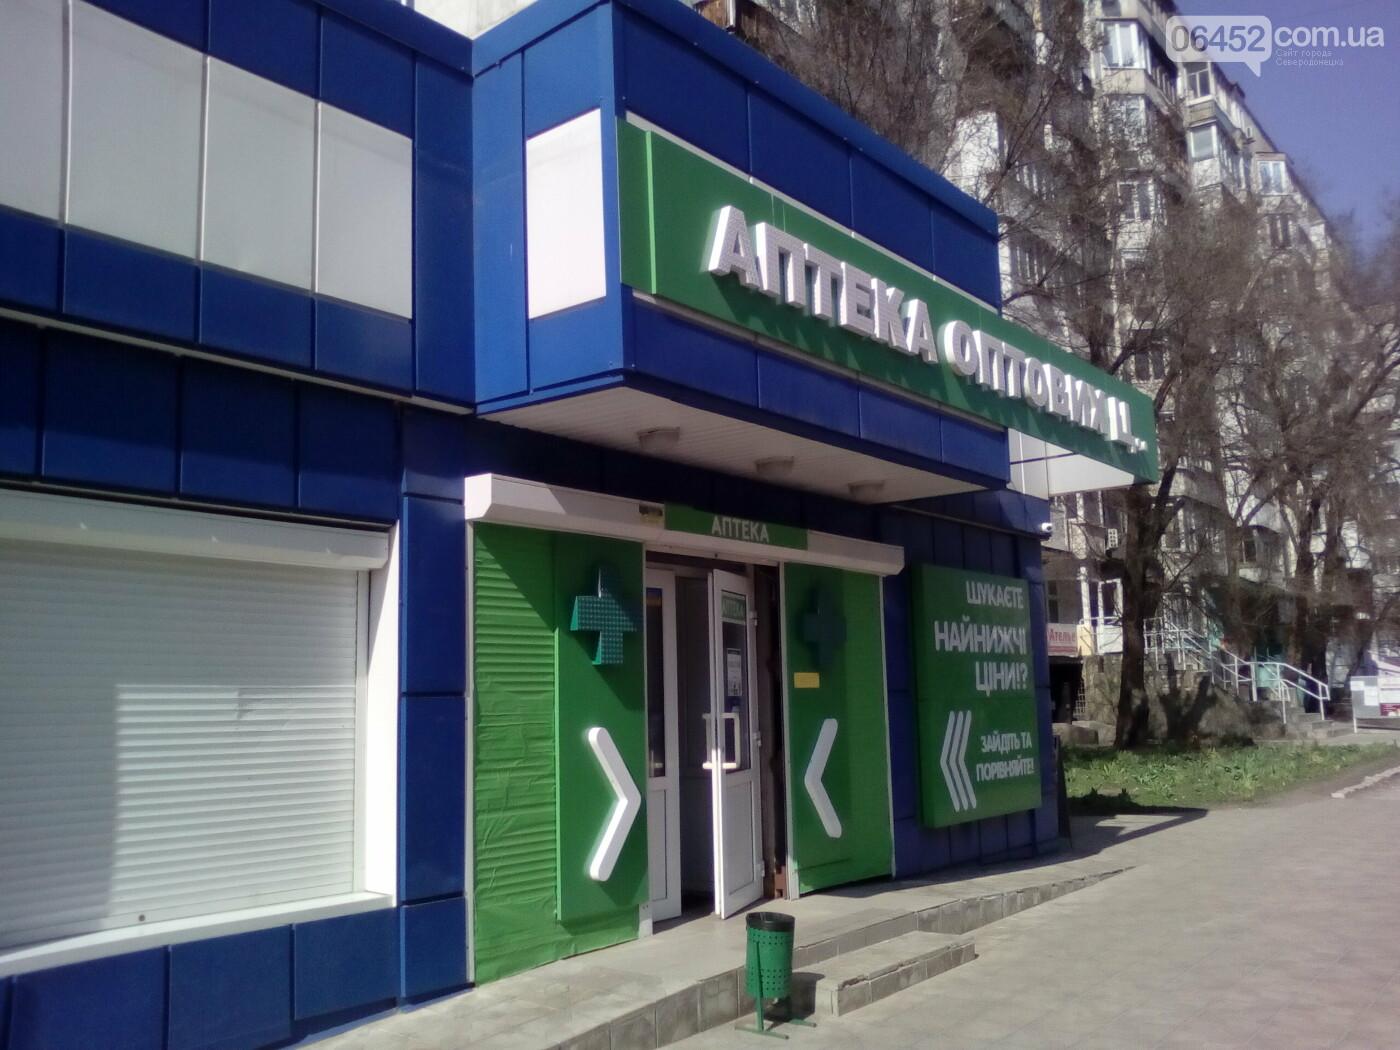 Медицинские учреждения Северодонецка и Лисичанска работают в штатном режиме, фото-19